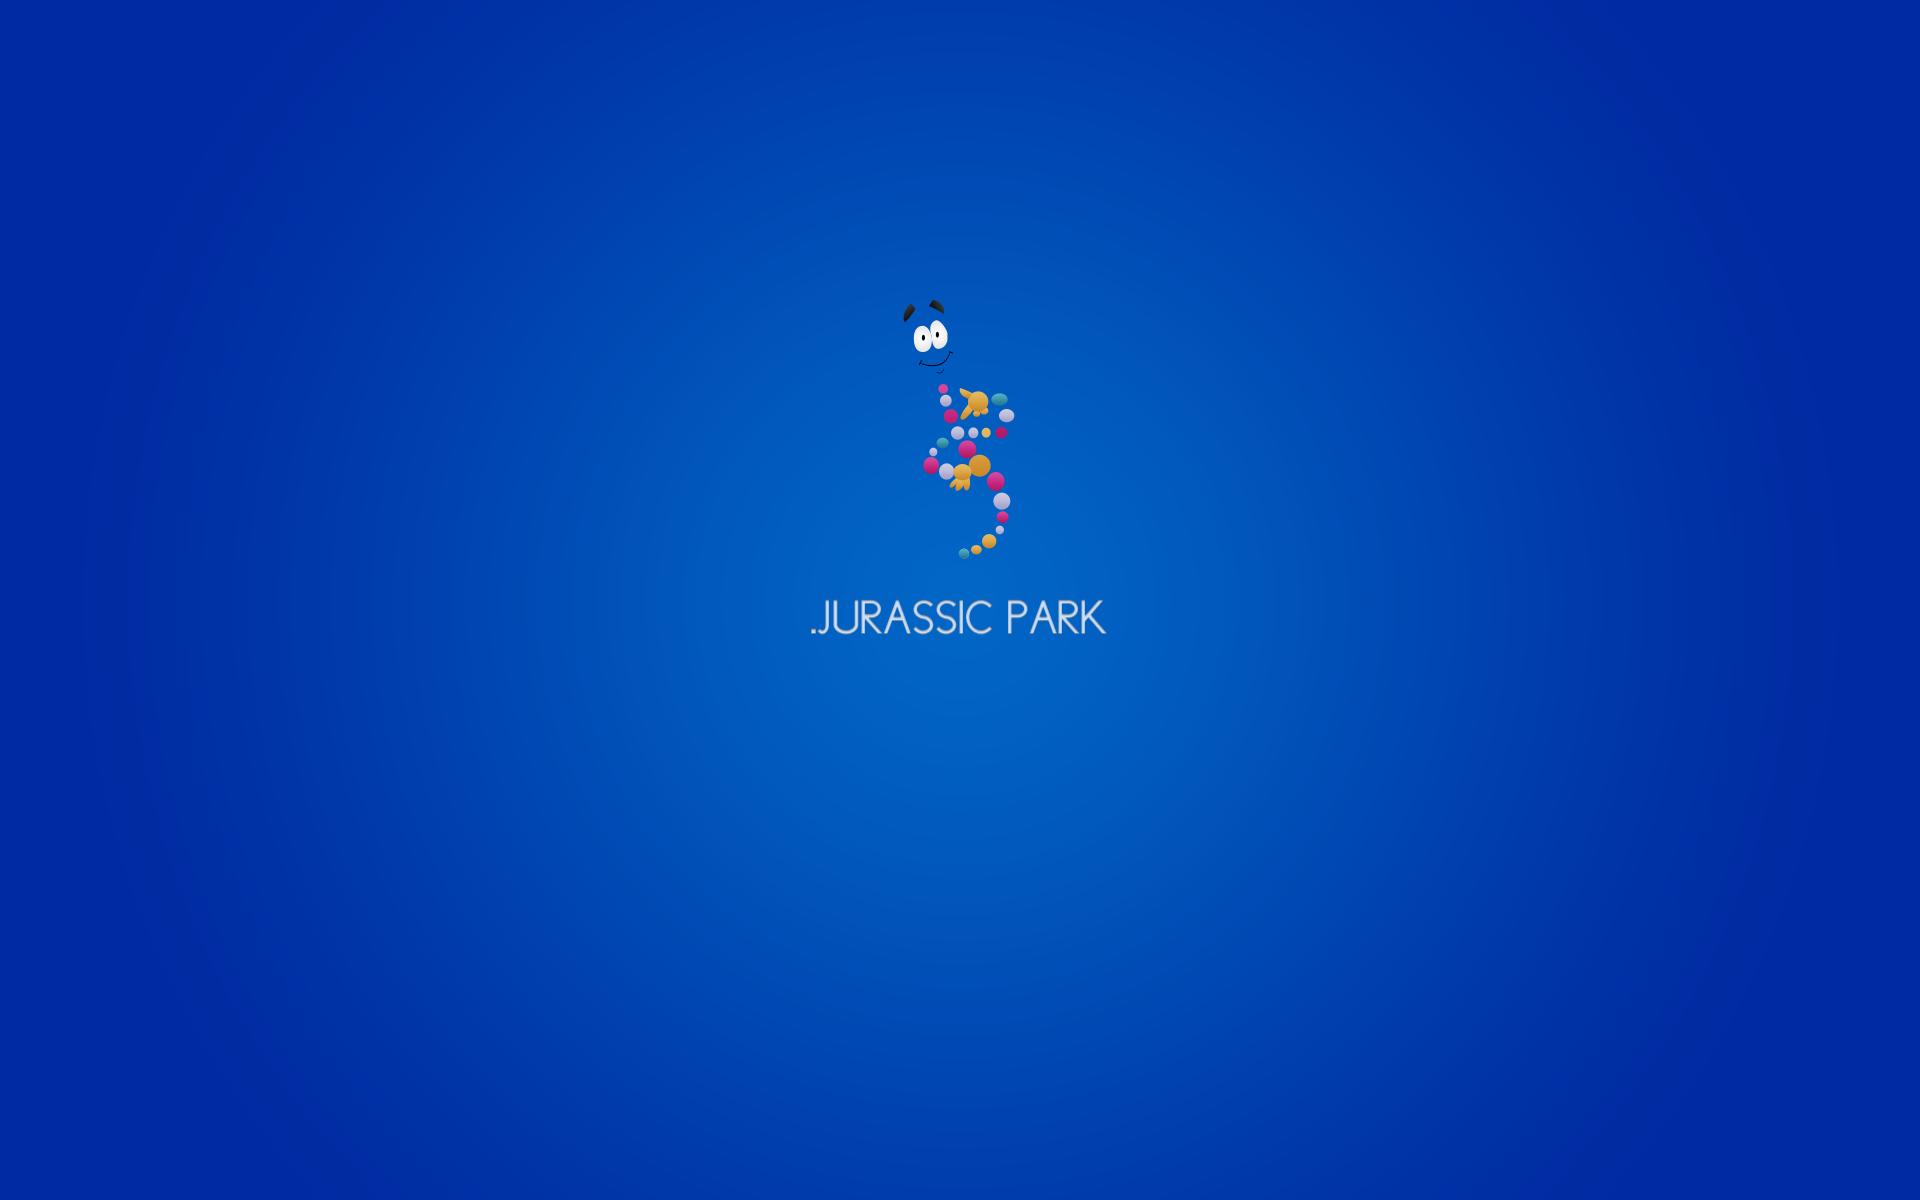 Jurassic Park Computer Wallpapers Desktop Backgrounds 1920x1200